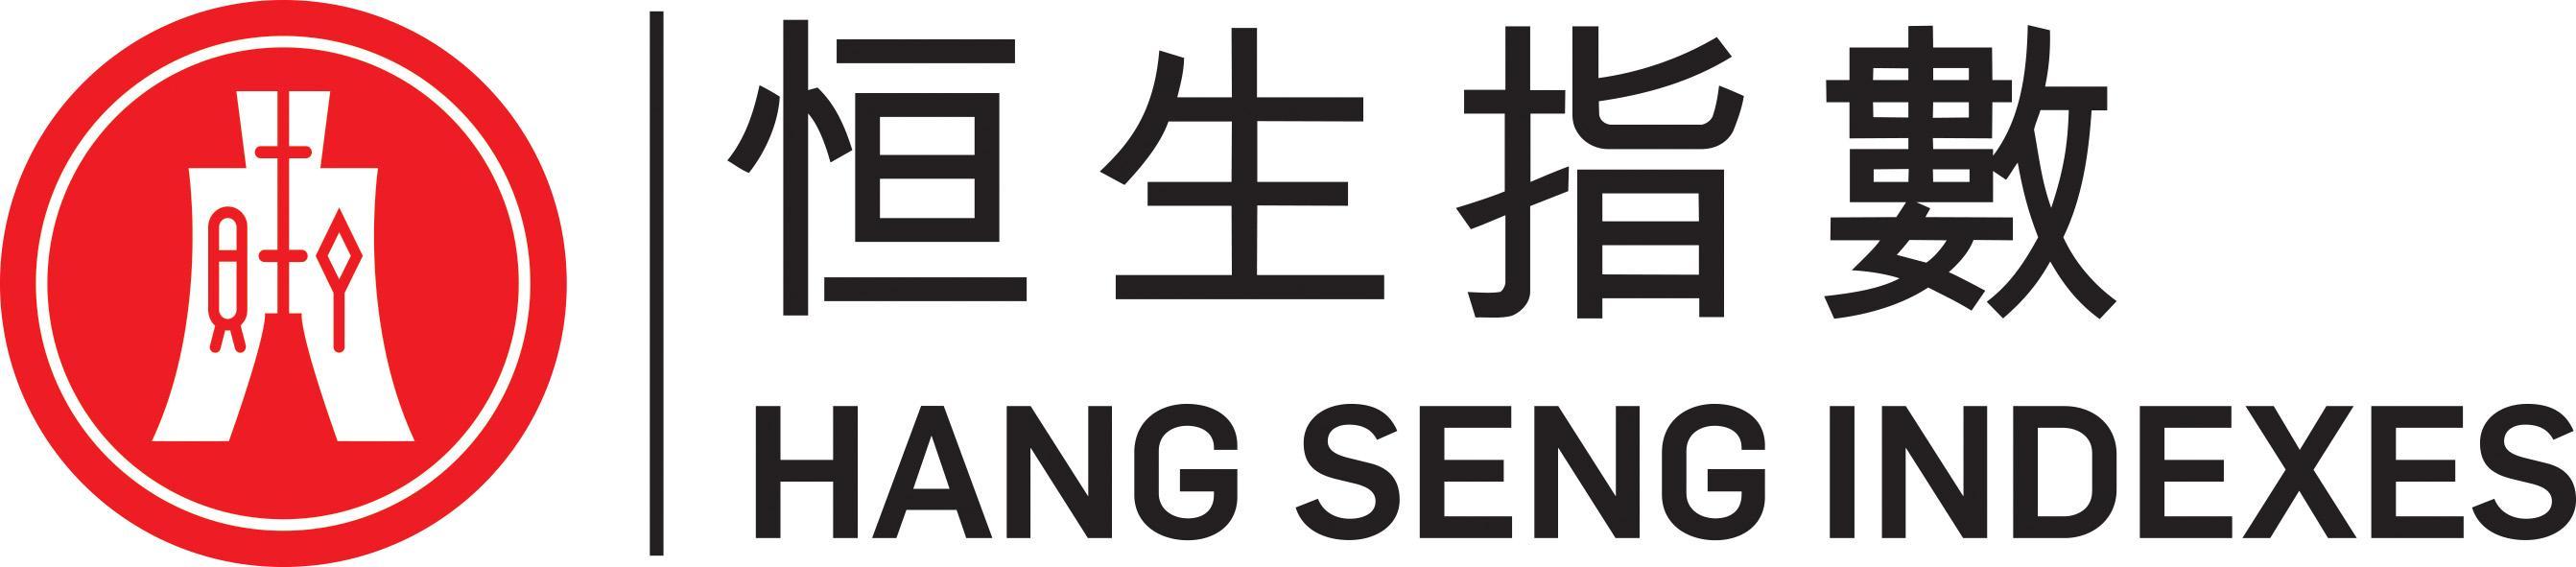 HK50香港恒生指数开户操作中常见问题